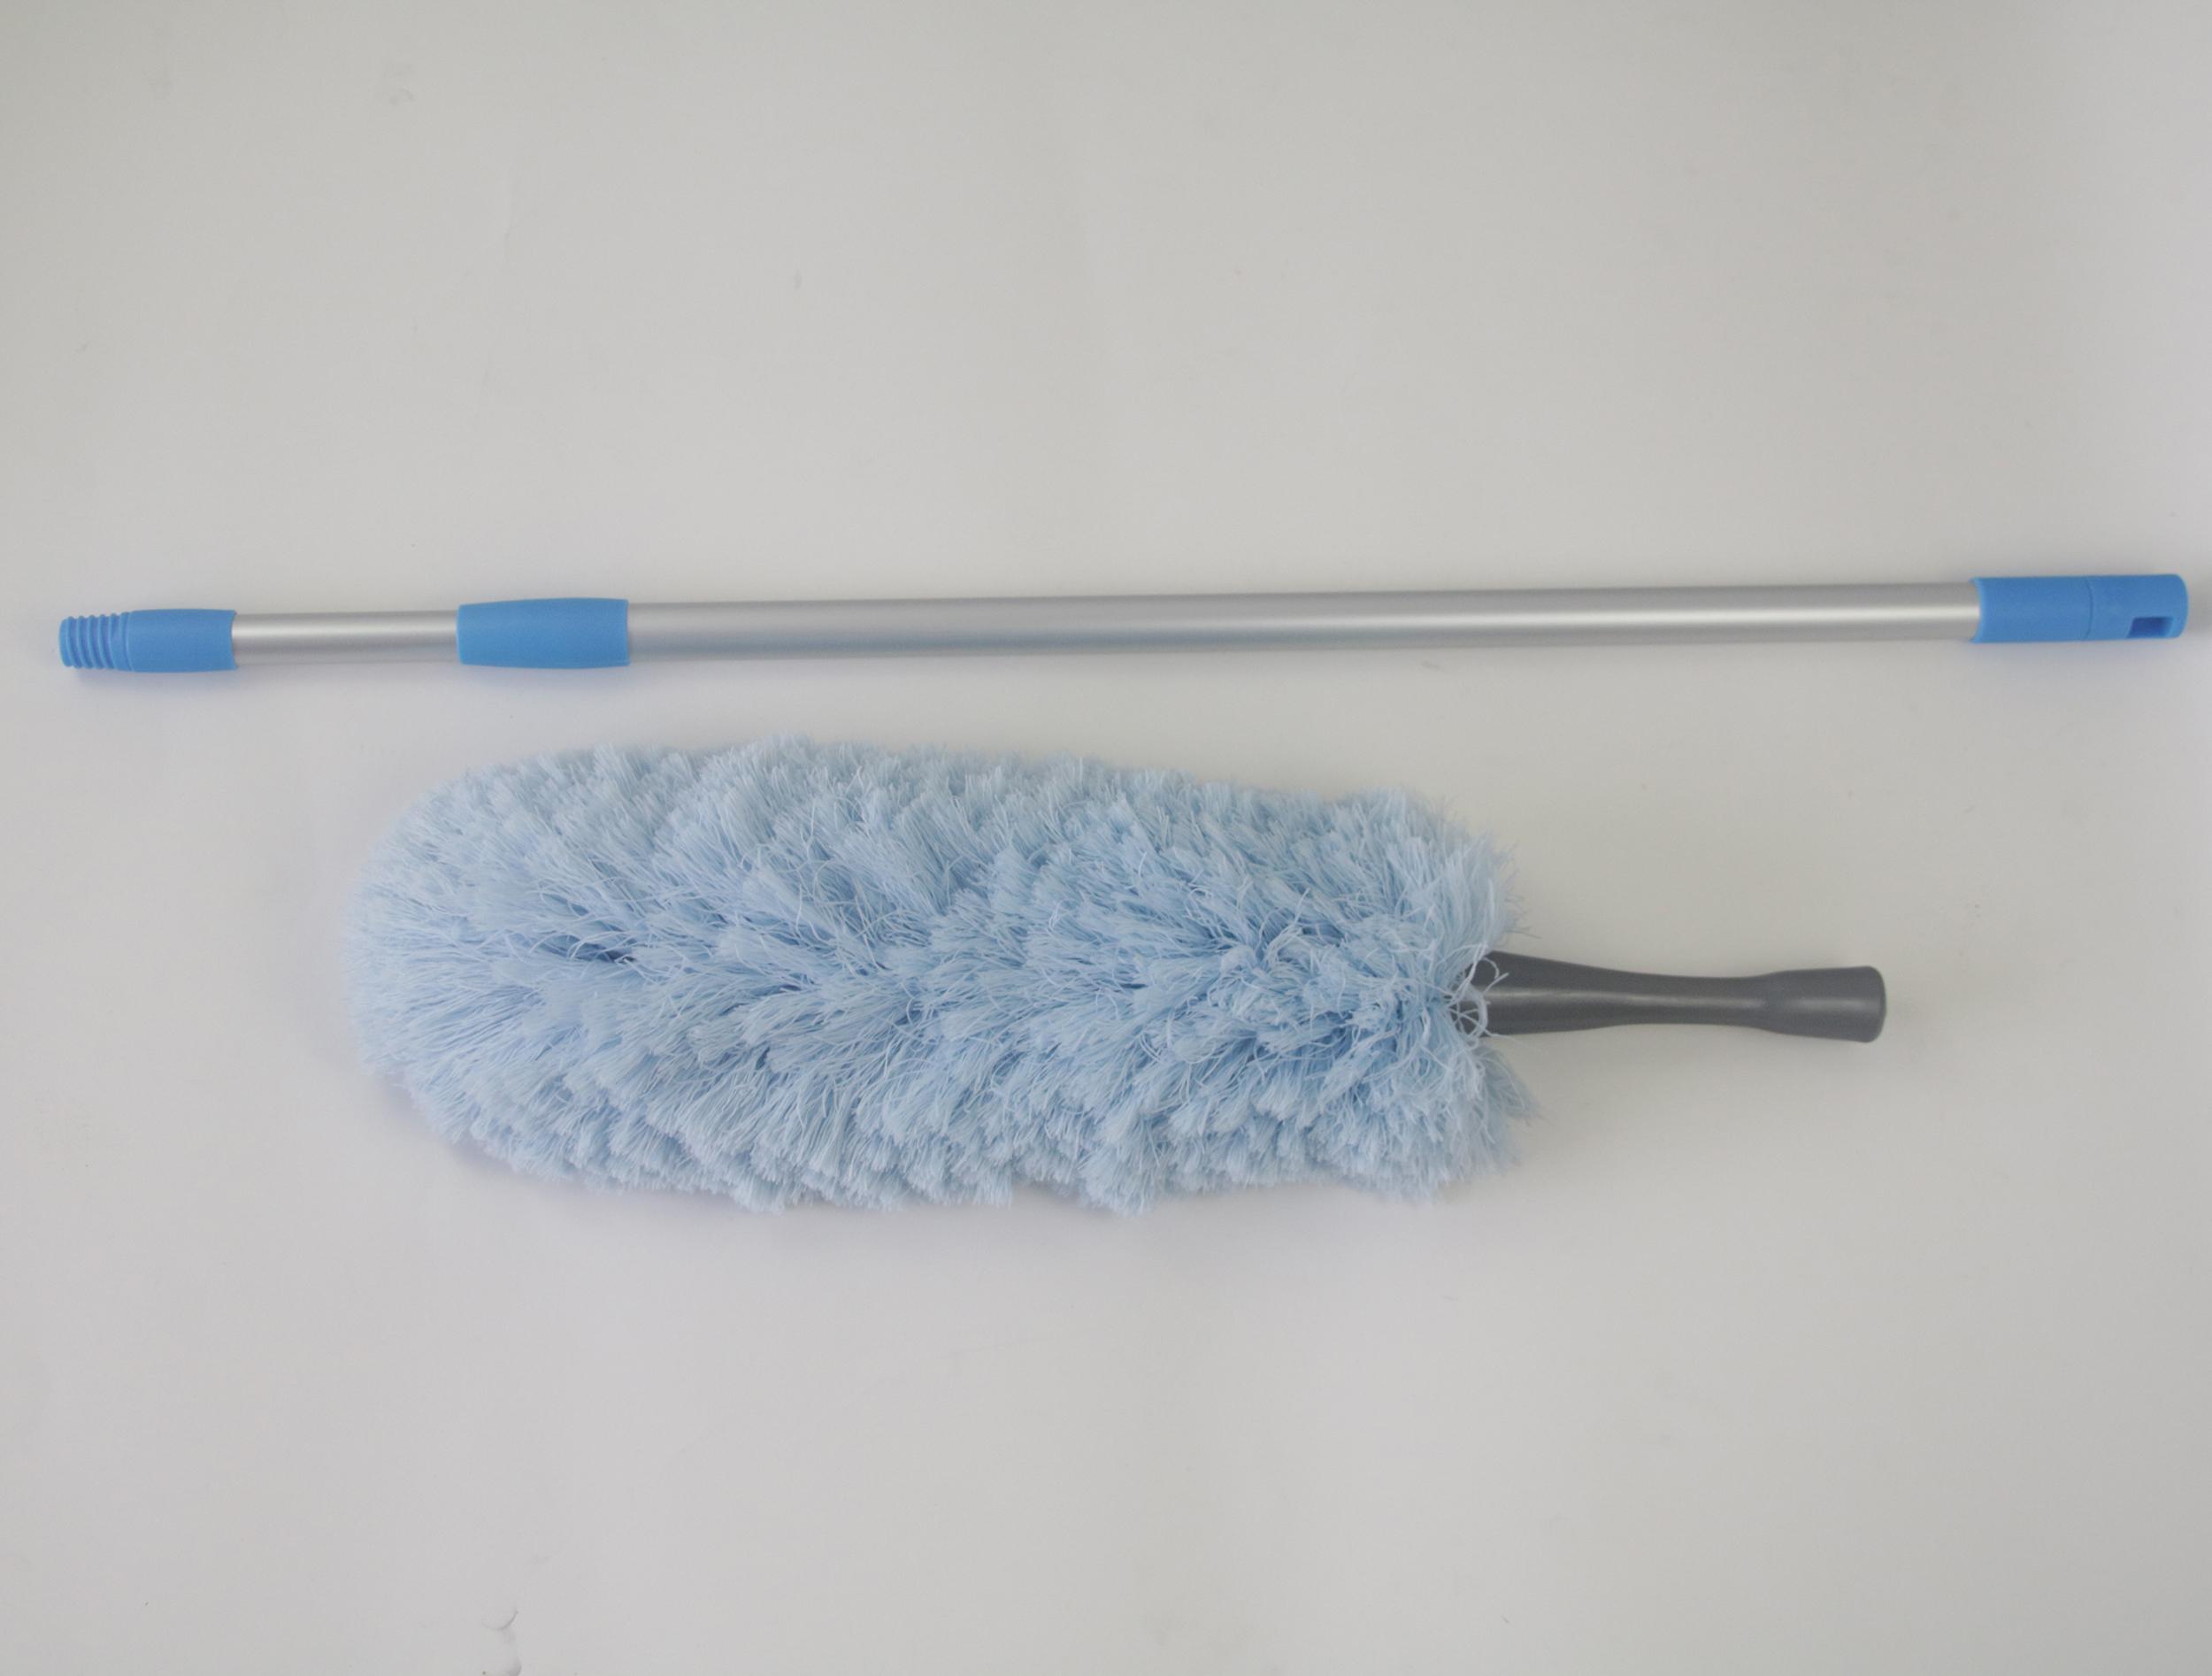 Alat Pembersih Rumah Tangga Warna-warni Microfiber Membersihkan Kain Lap Dapat Menghubungi Tiang Duster